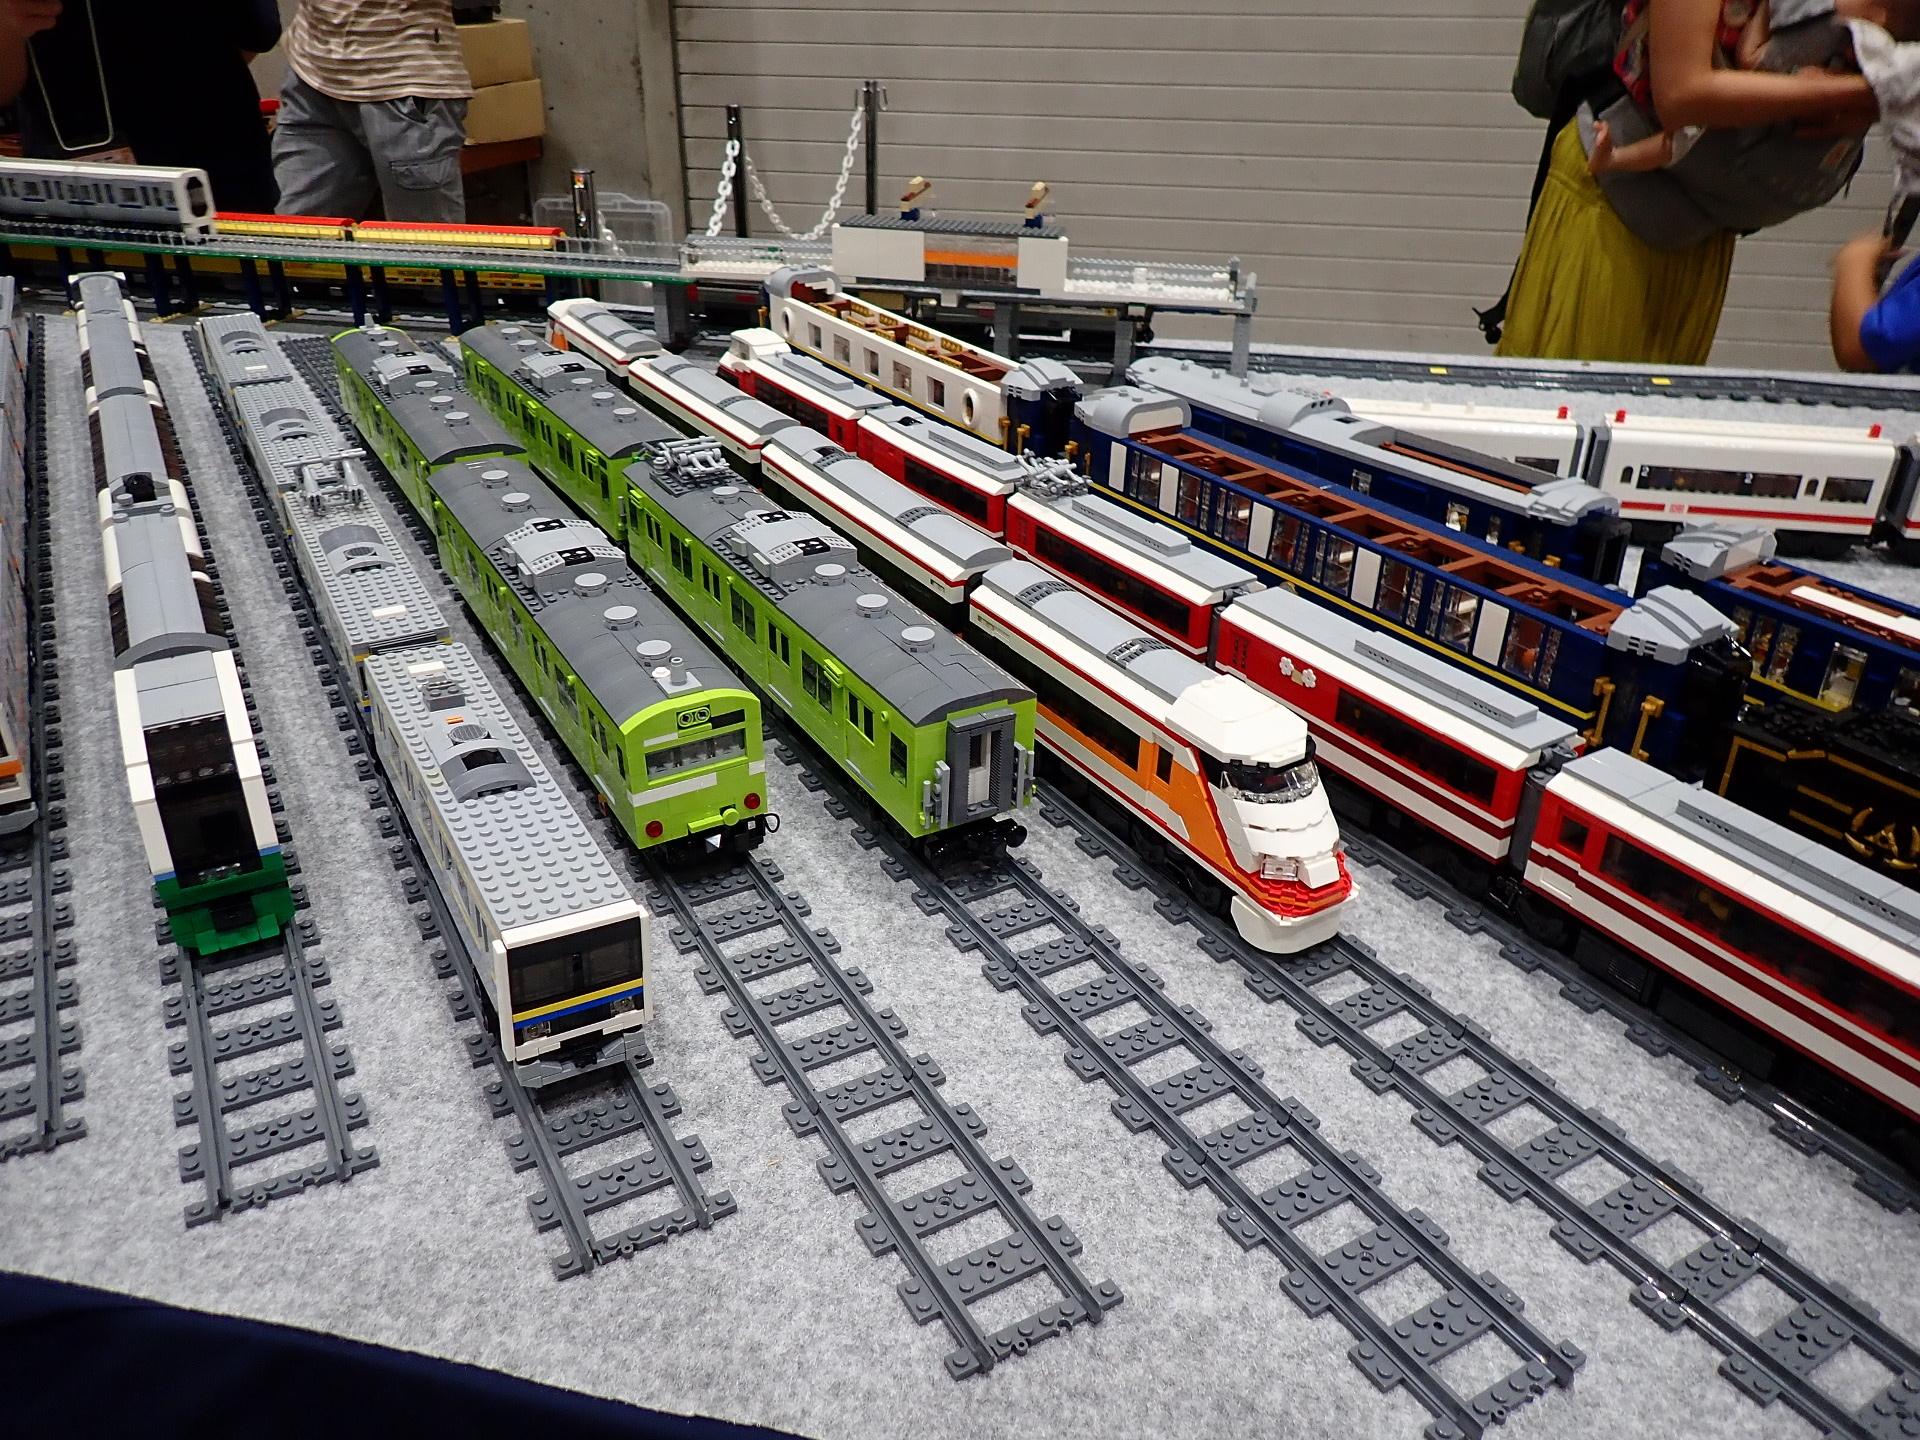 見事な造形のLゲージ列車群です。